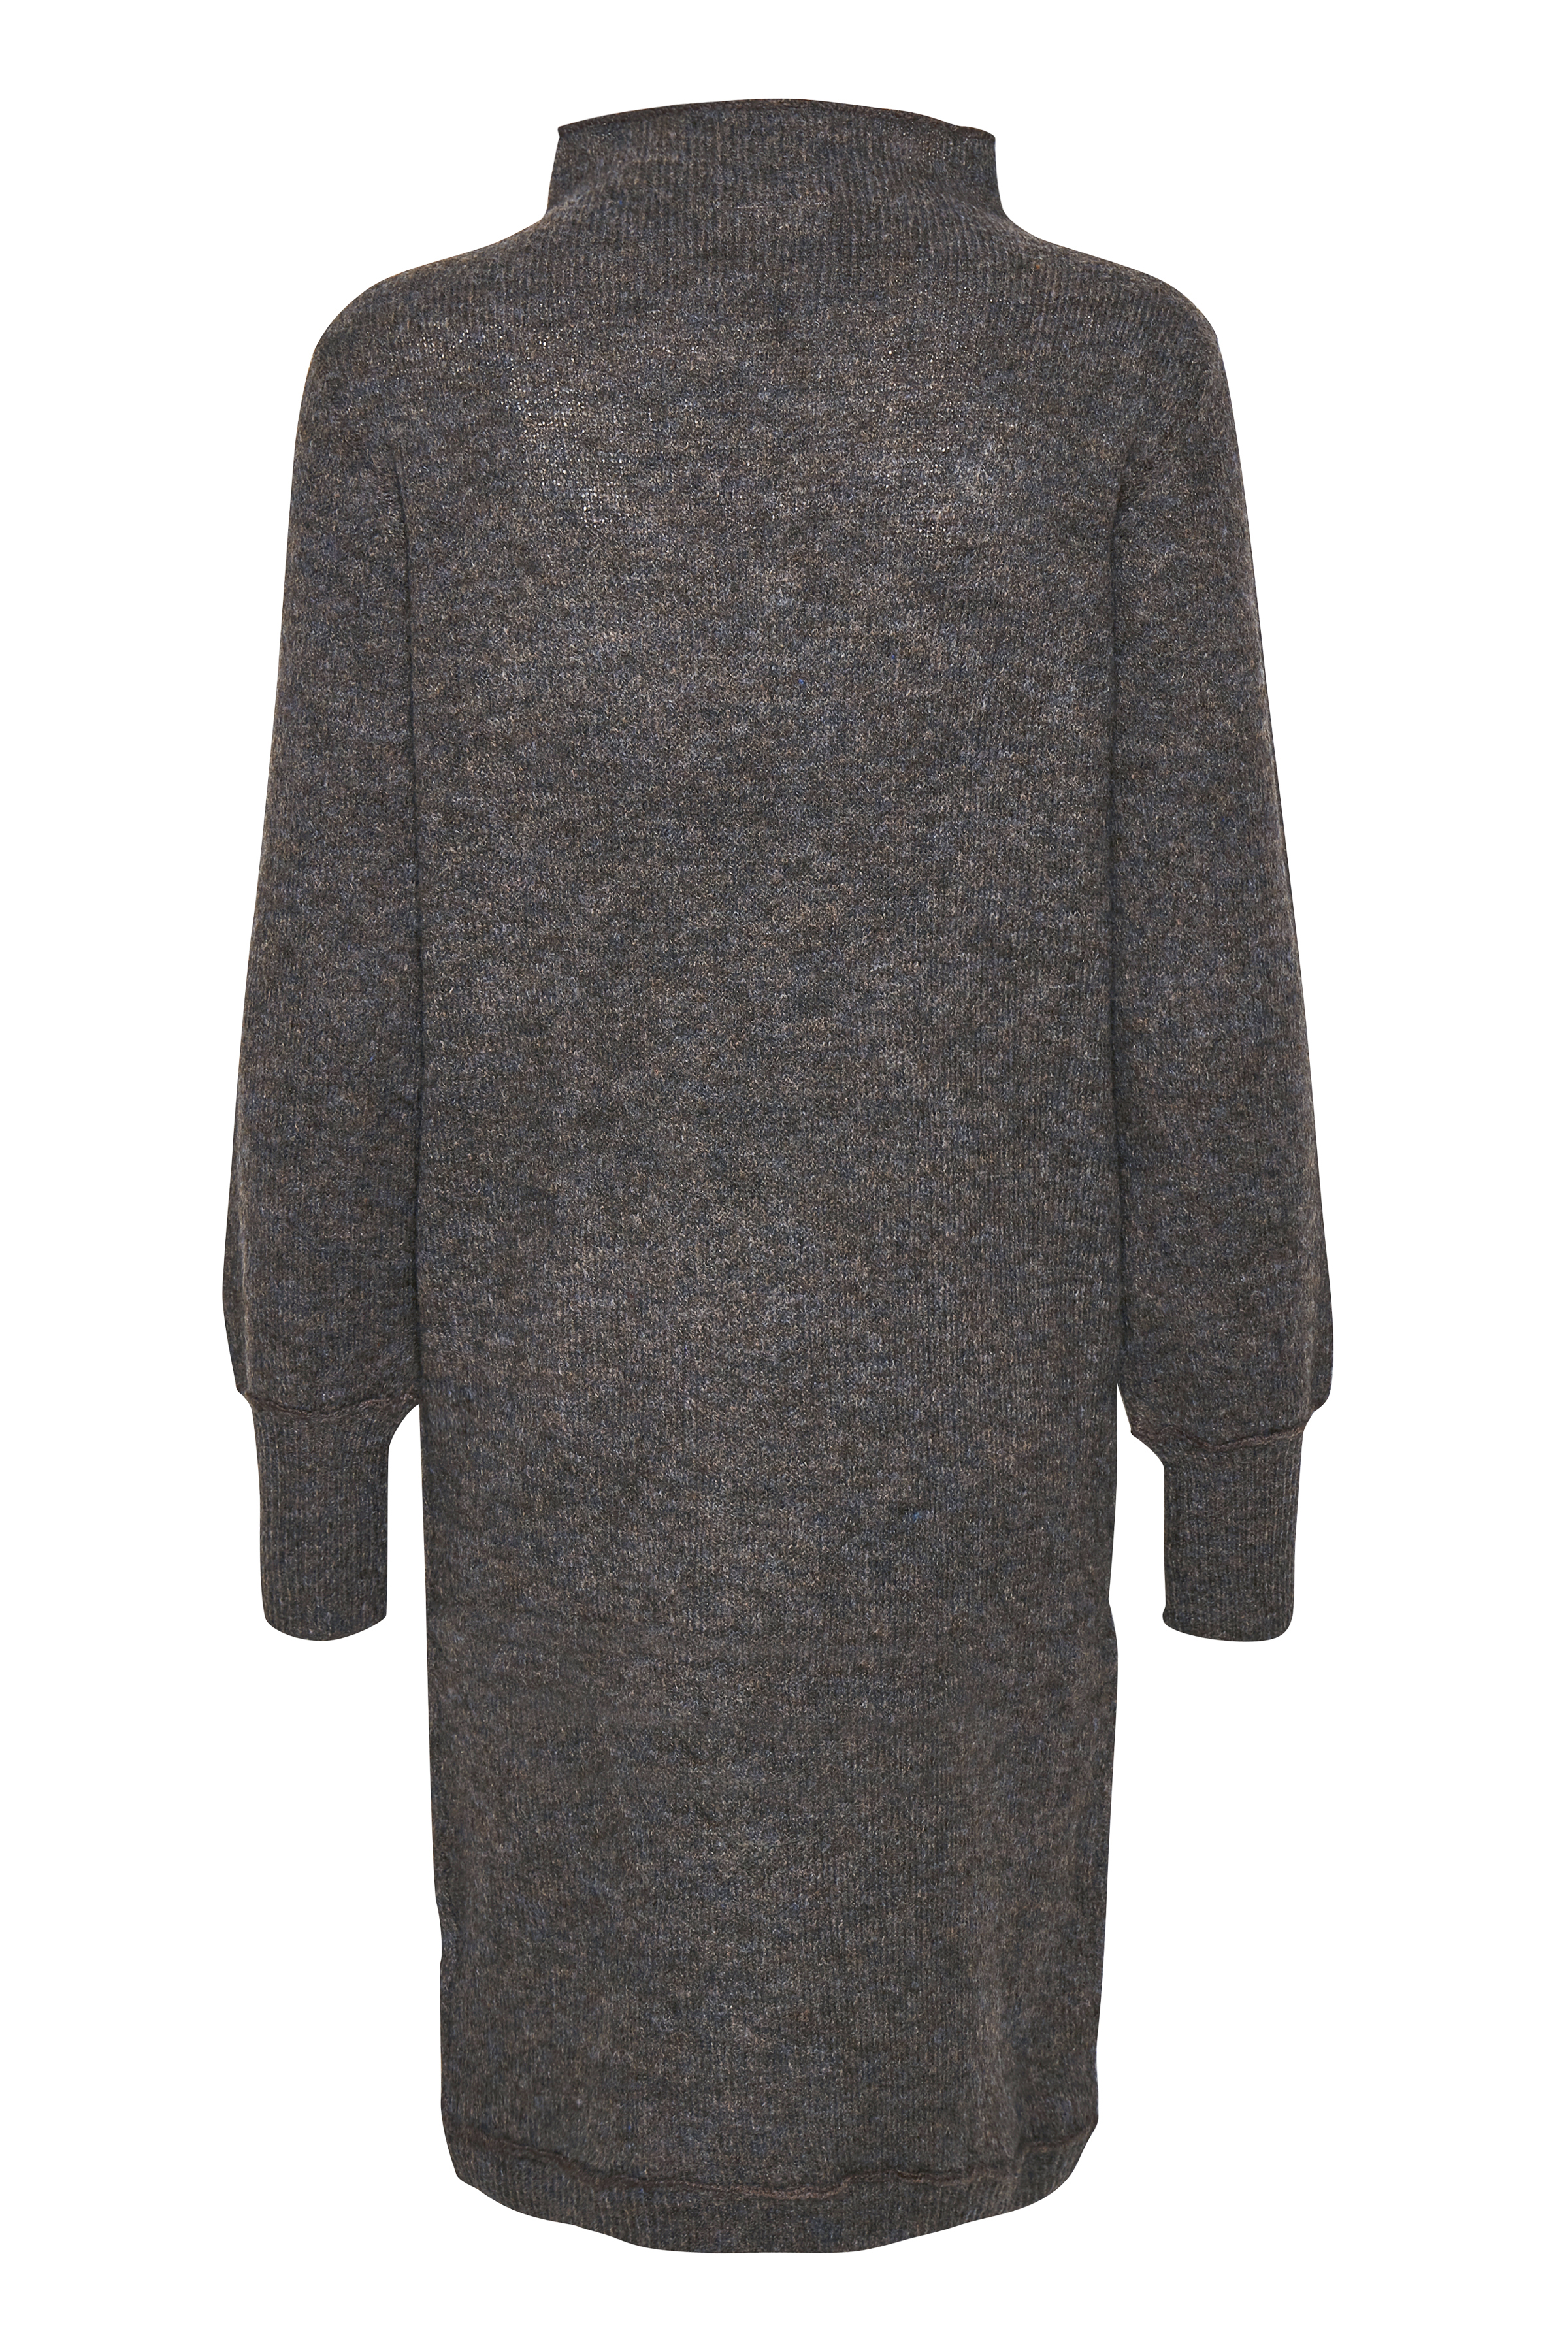 Brunmelerad Strickad klänning från Fransa – Köp Brunmelerad Strickad klänning från stl. XS-XXL här